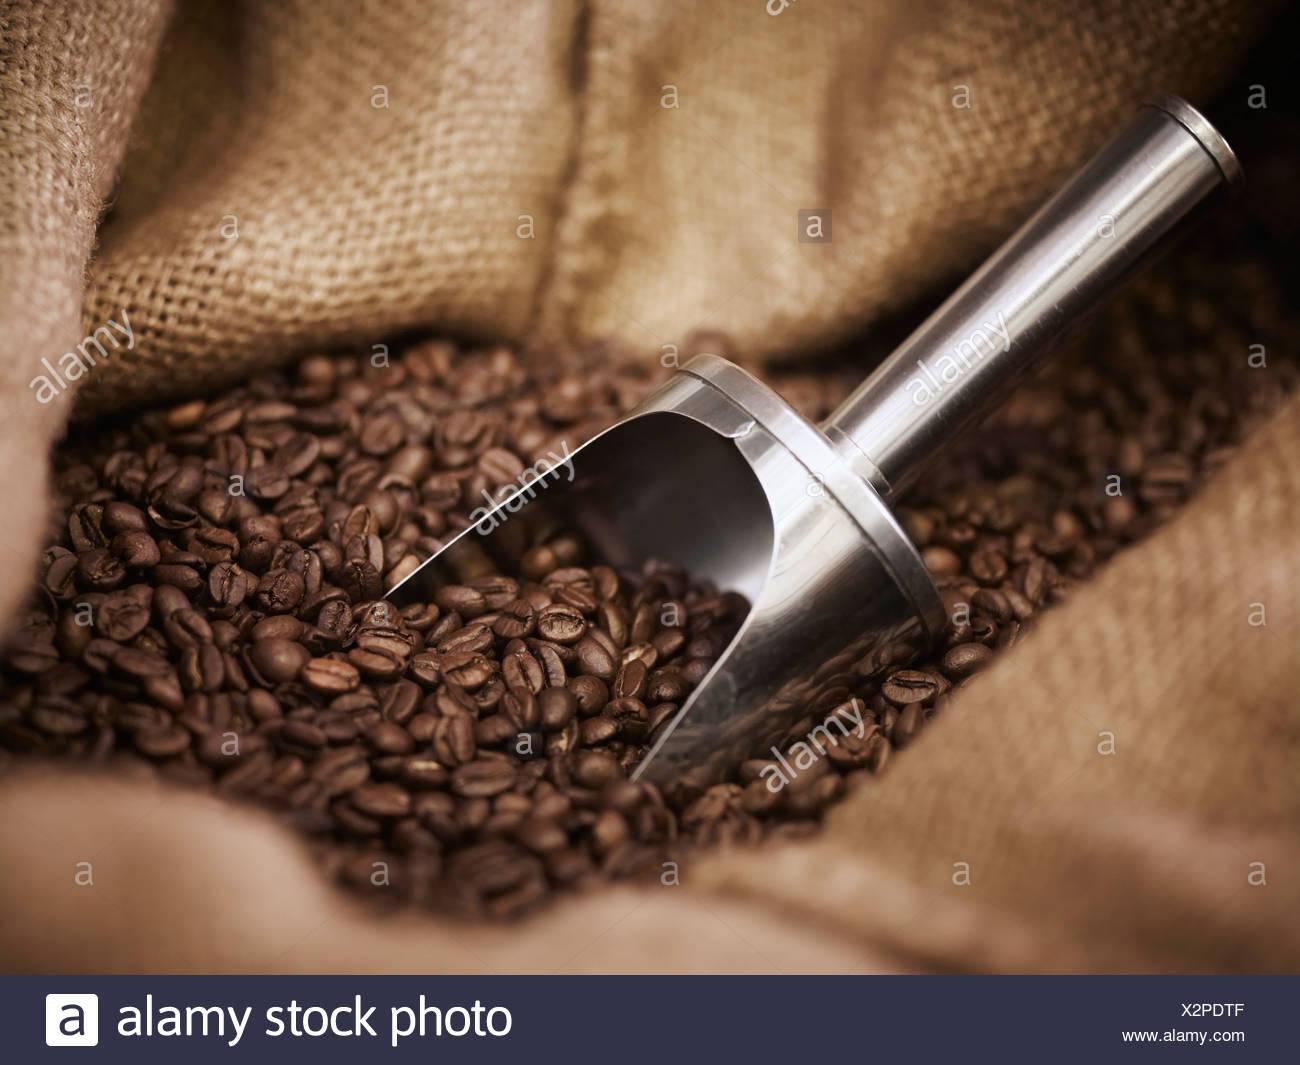 Leinensack mit Schaufel und Kaffeebohnen Stockbild